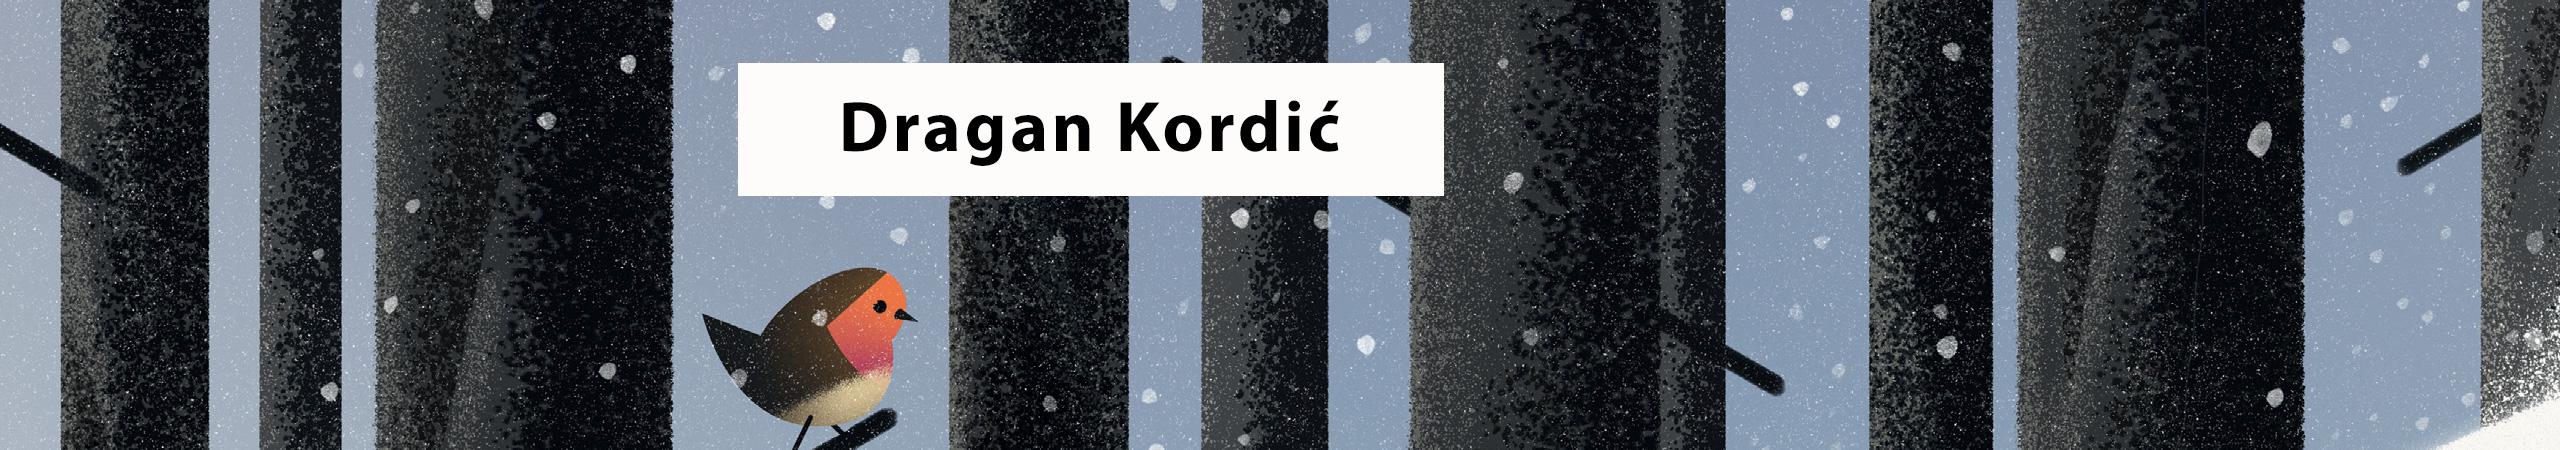 Dragan Kordić